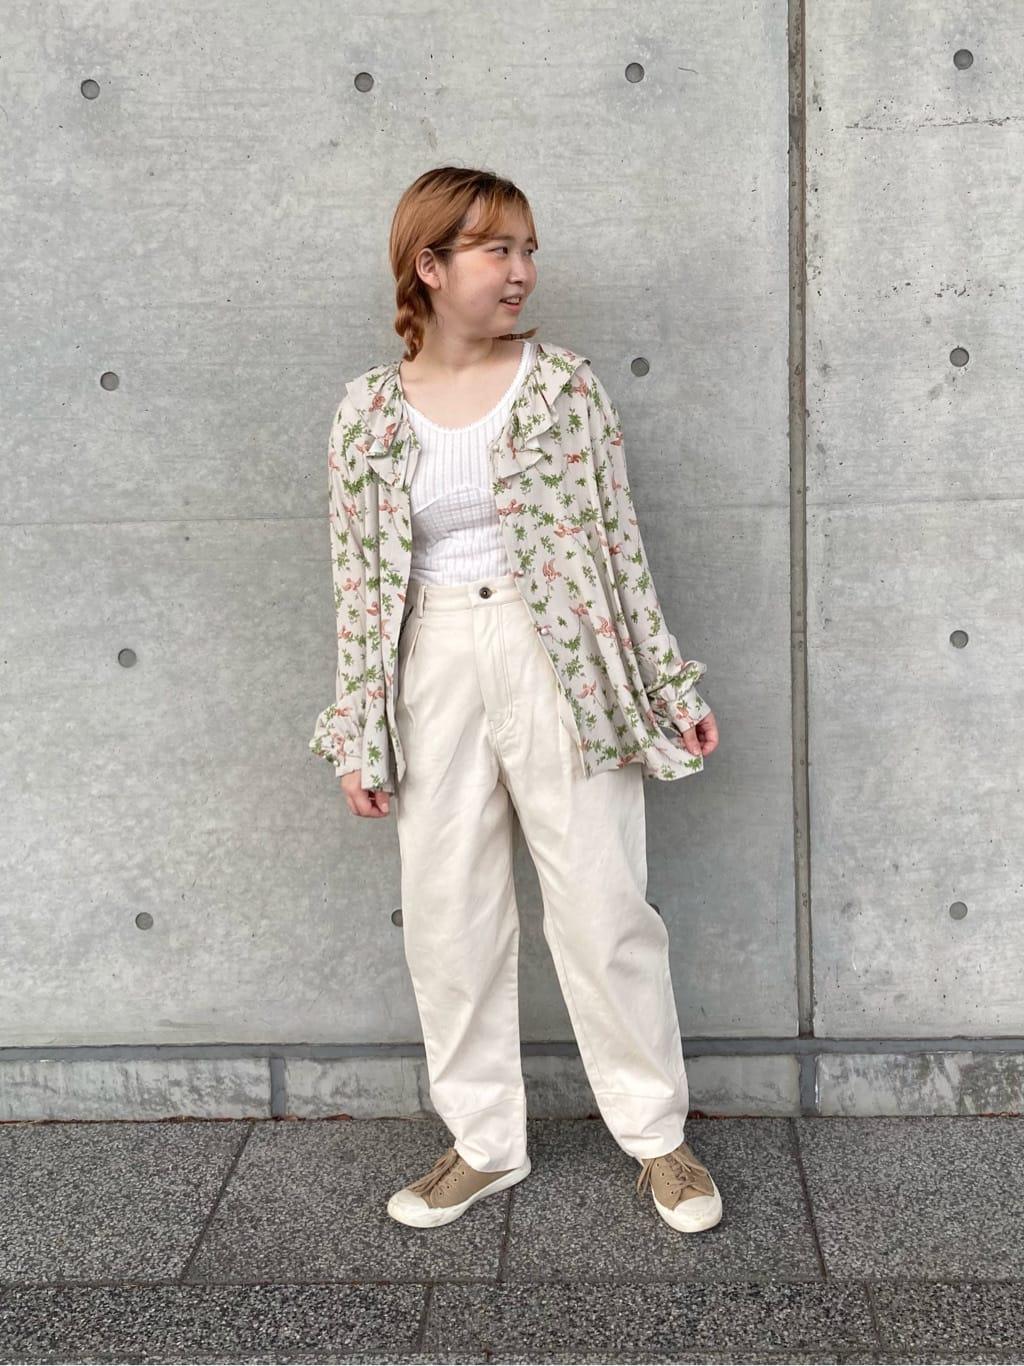 東京スカイツリータウン・ソラマチ 2021.08.26